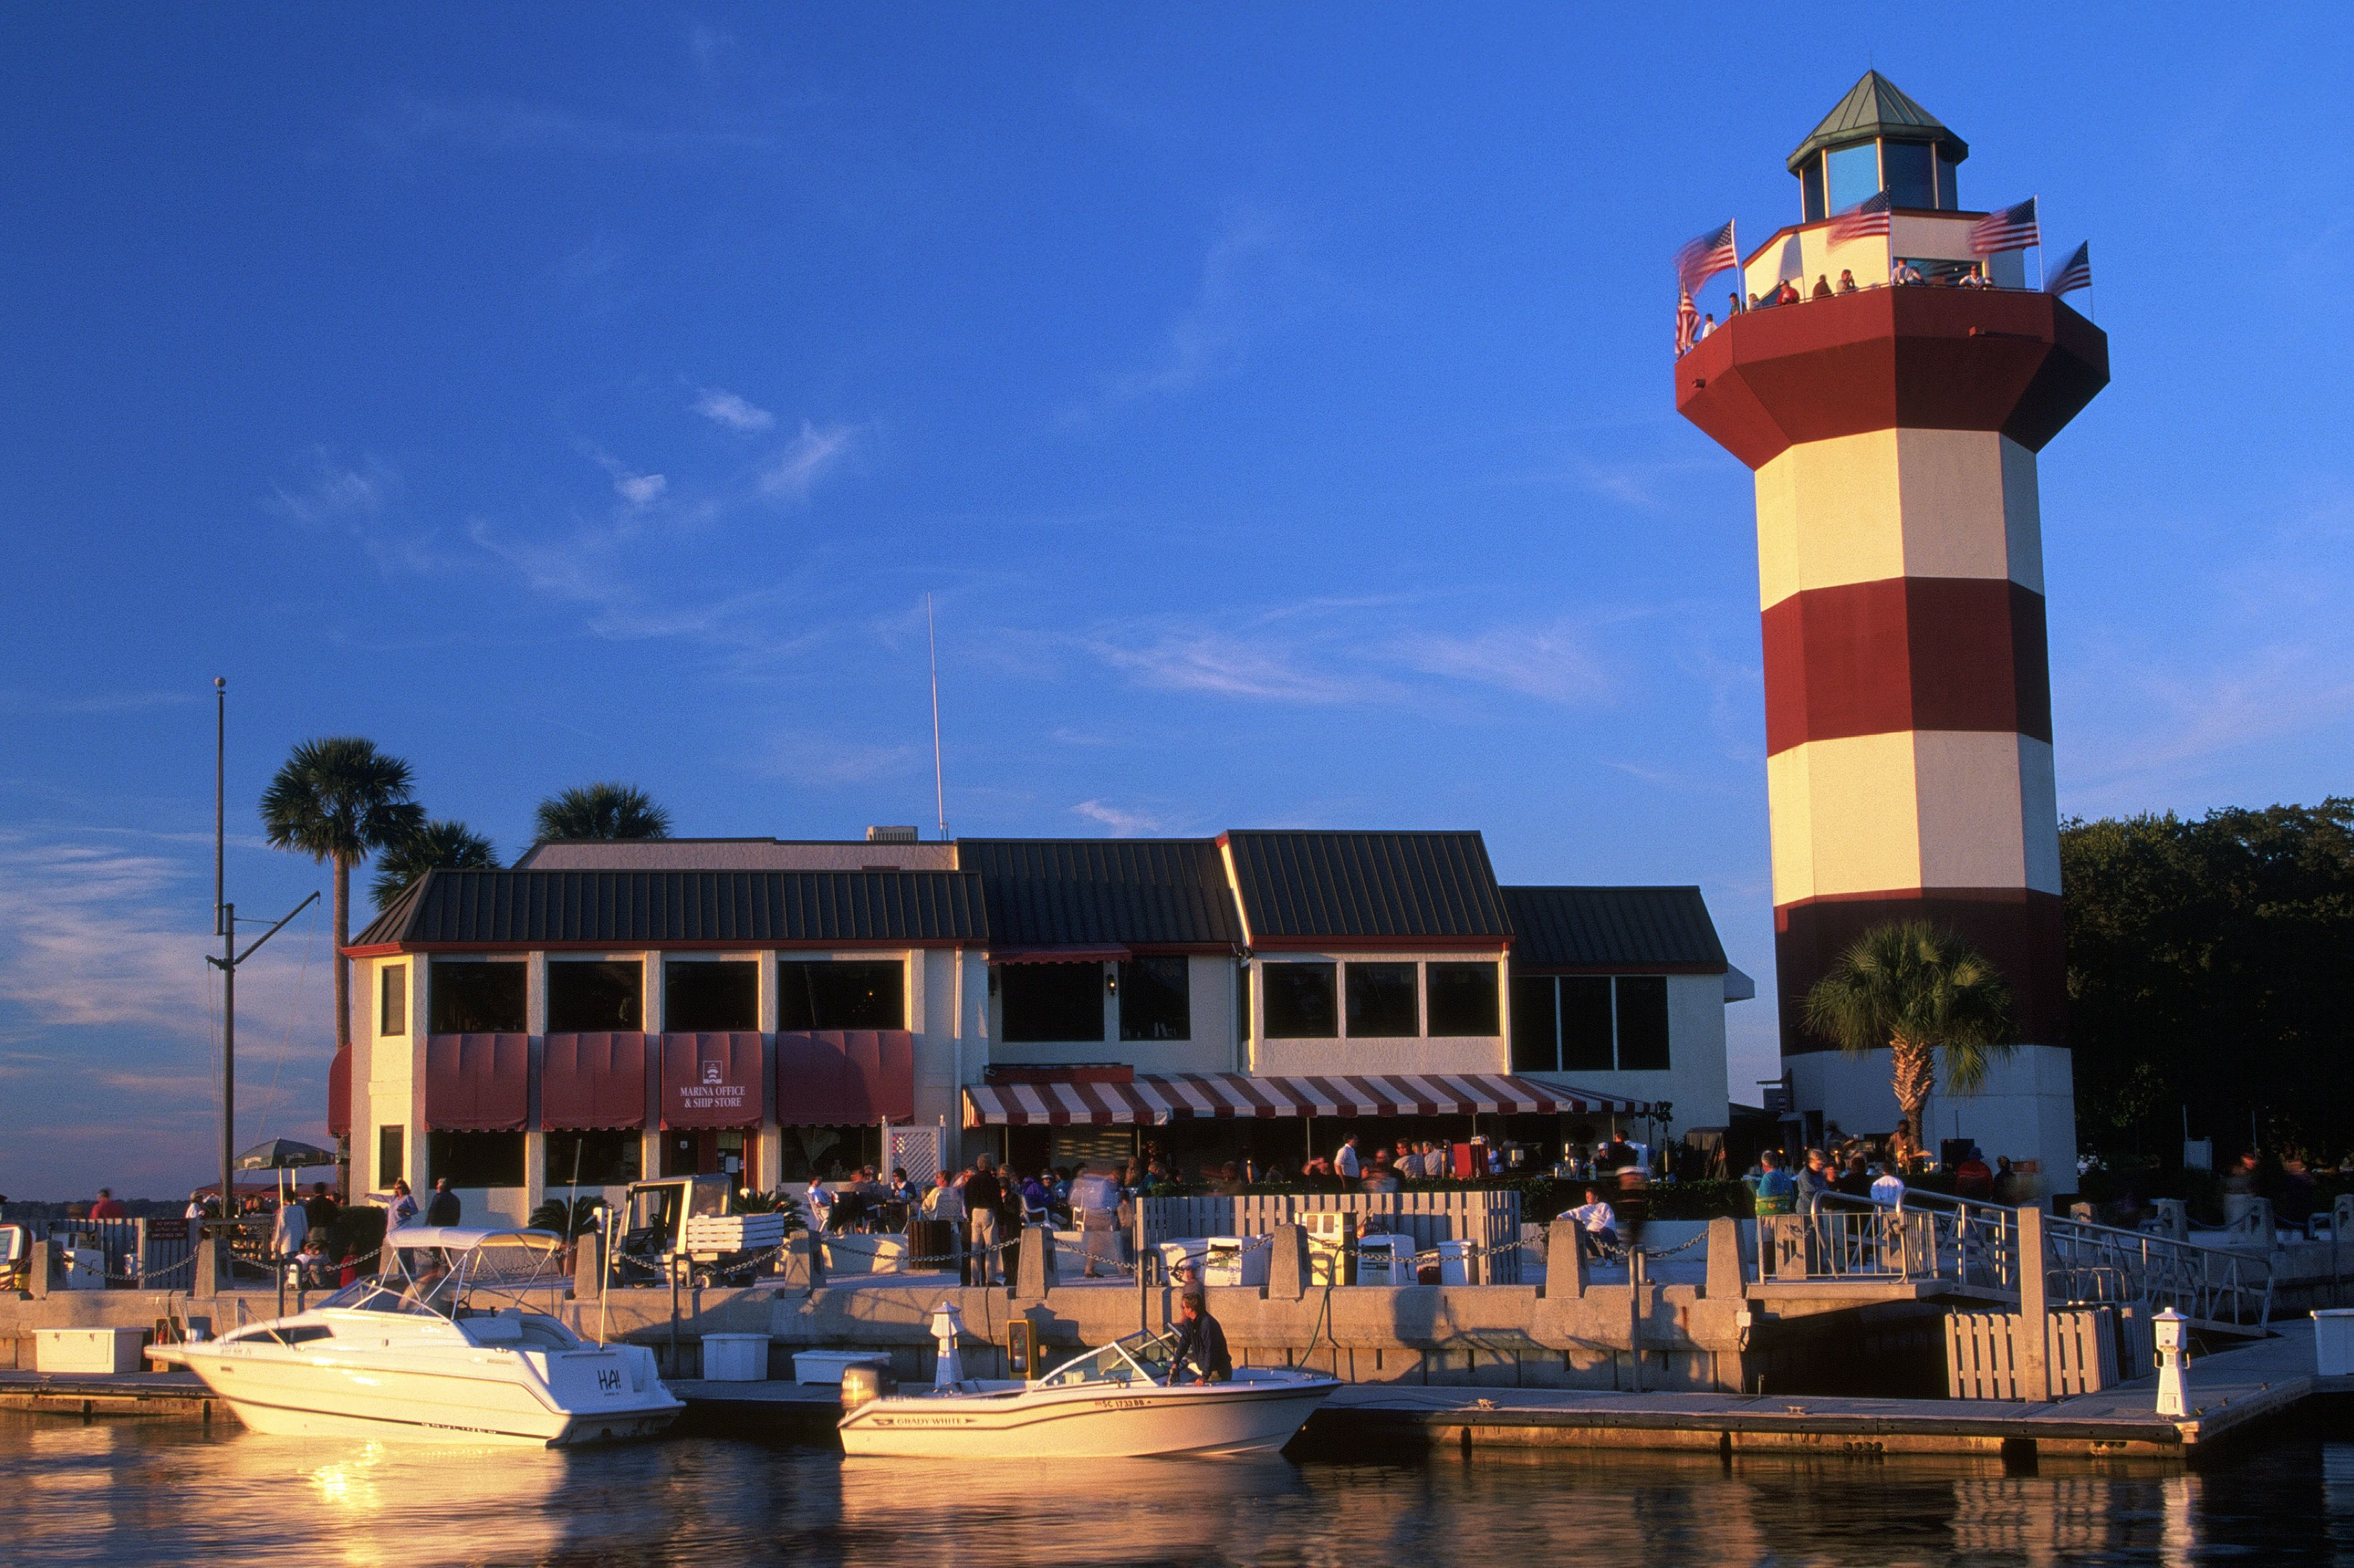 Hilton Head Island lighthouse and; harbor, SC